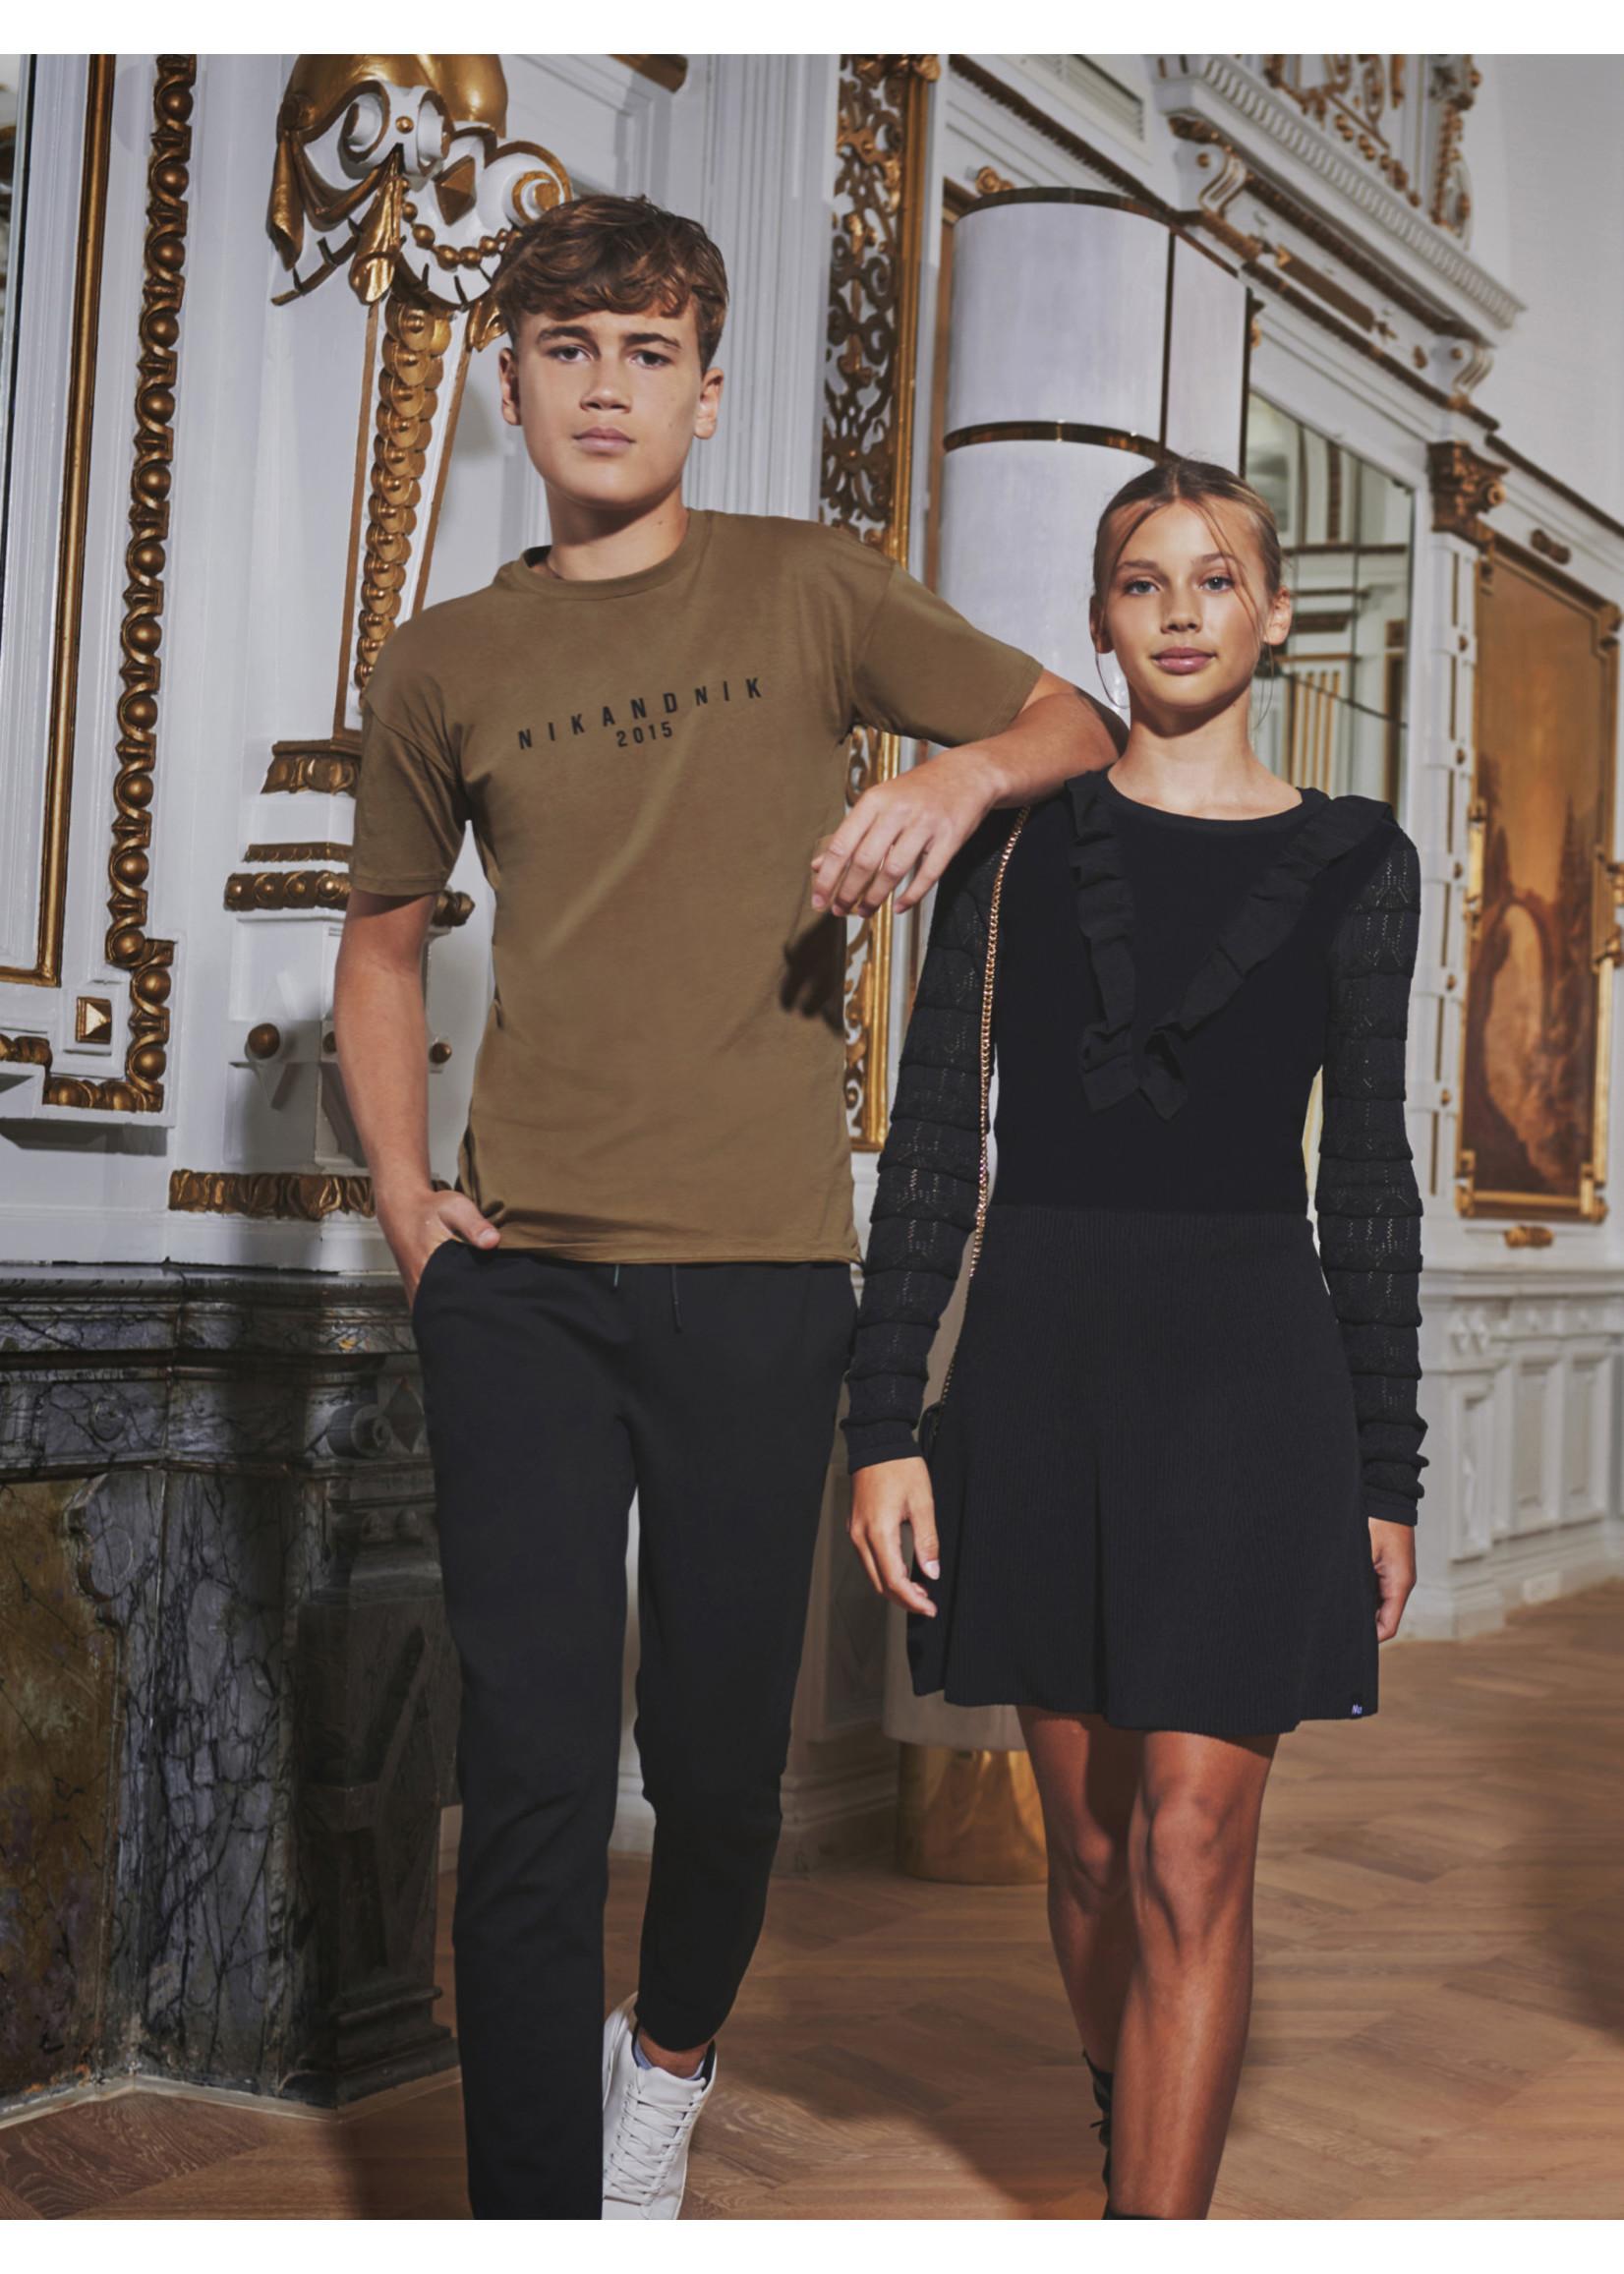 NIK&NIK Nik&Nik Zacarias T-Shirt - Warm Brown